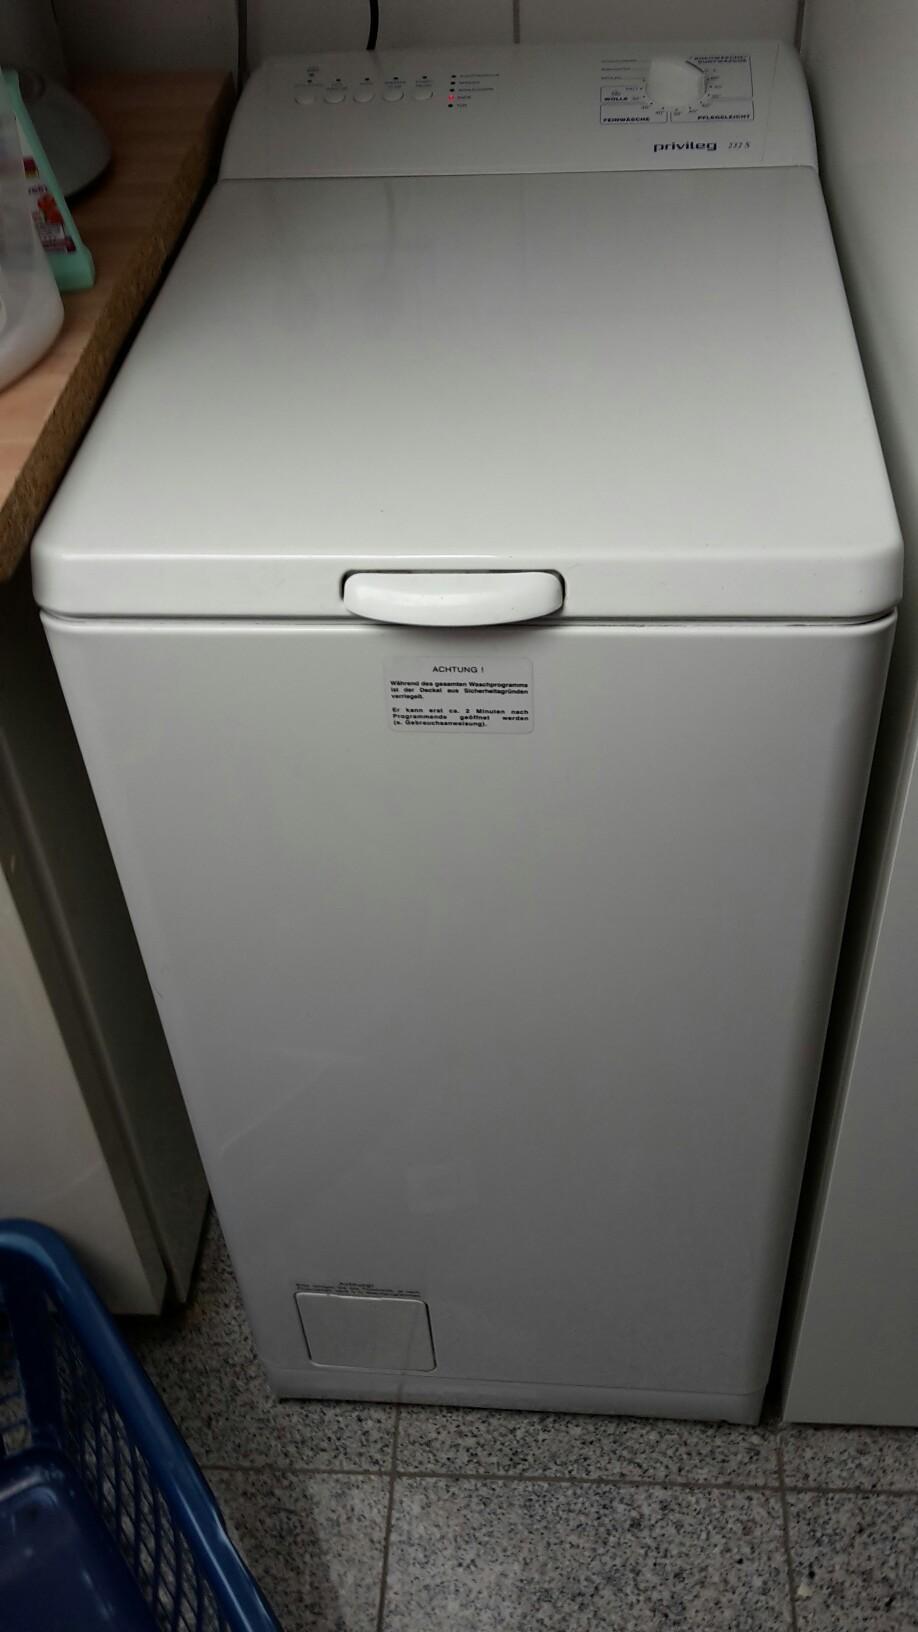 Gebraucht privileg s waschmaschine toplader in linz am